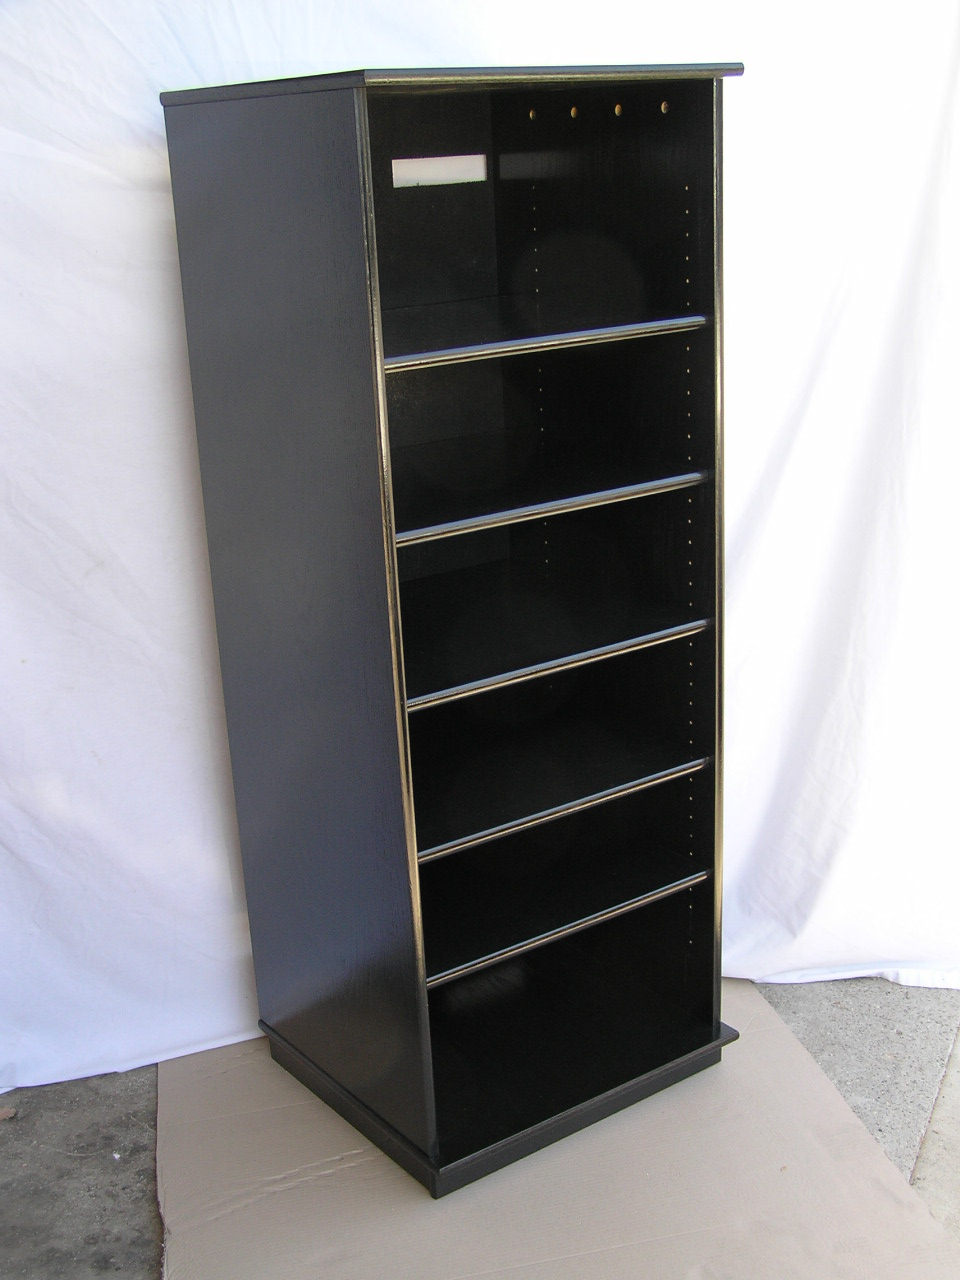 sc2260-black-stereo-cabinet-002.jpg